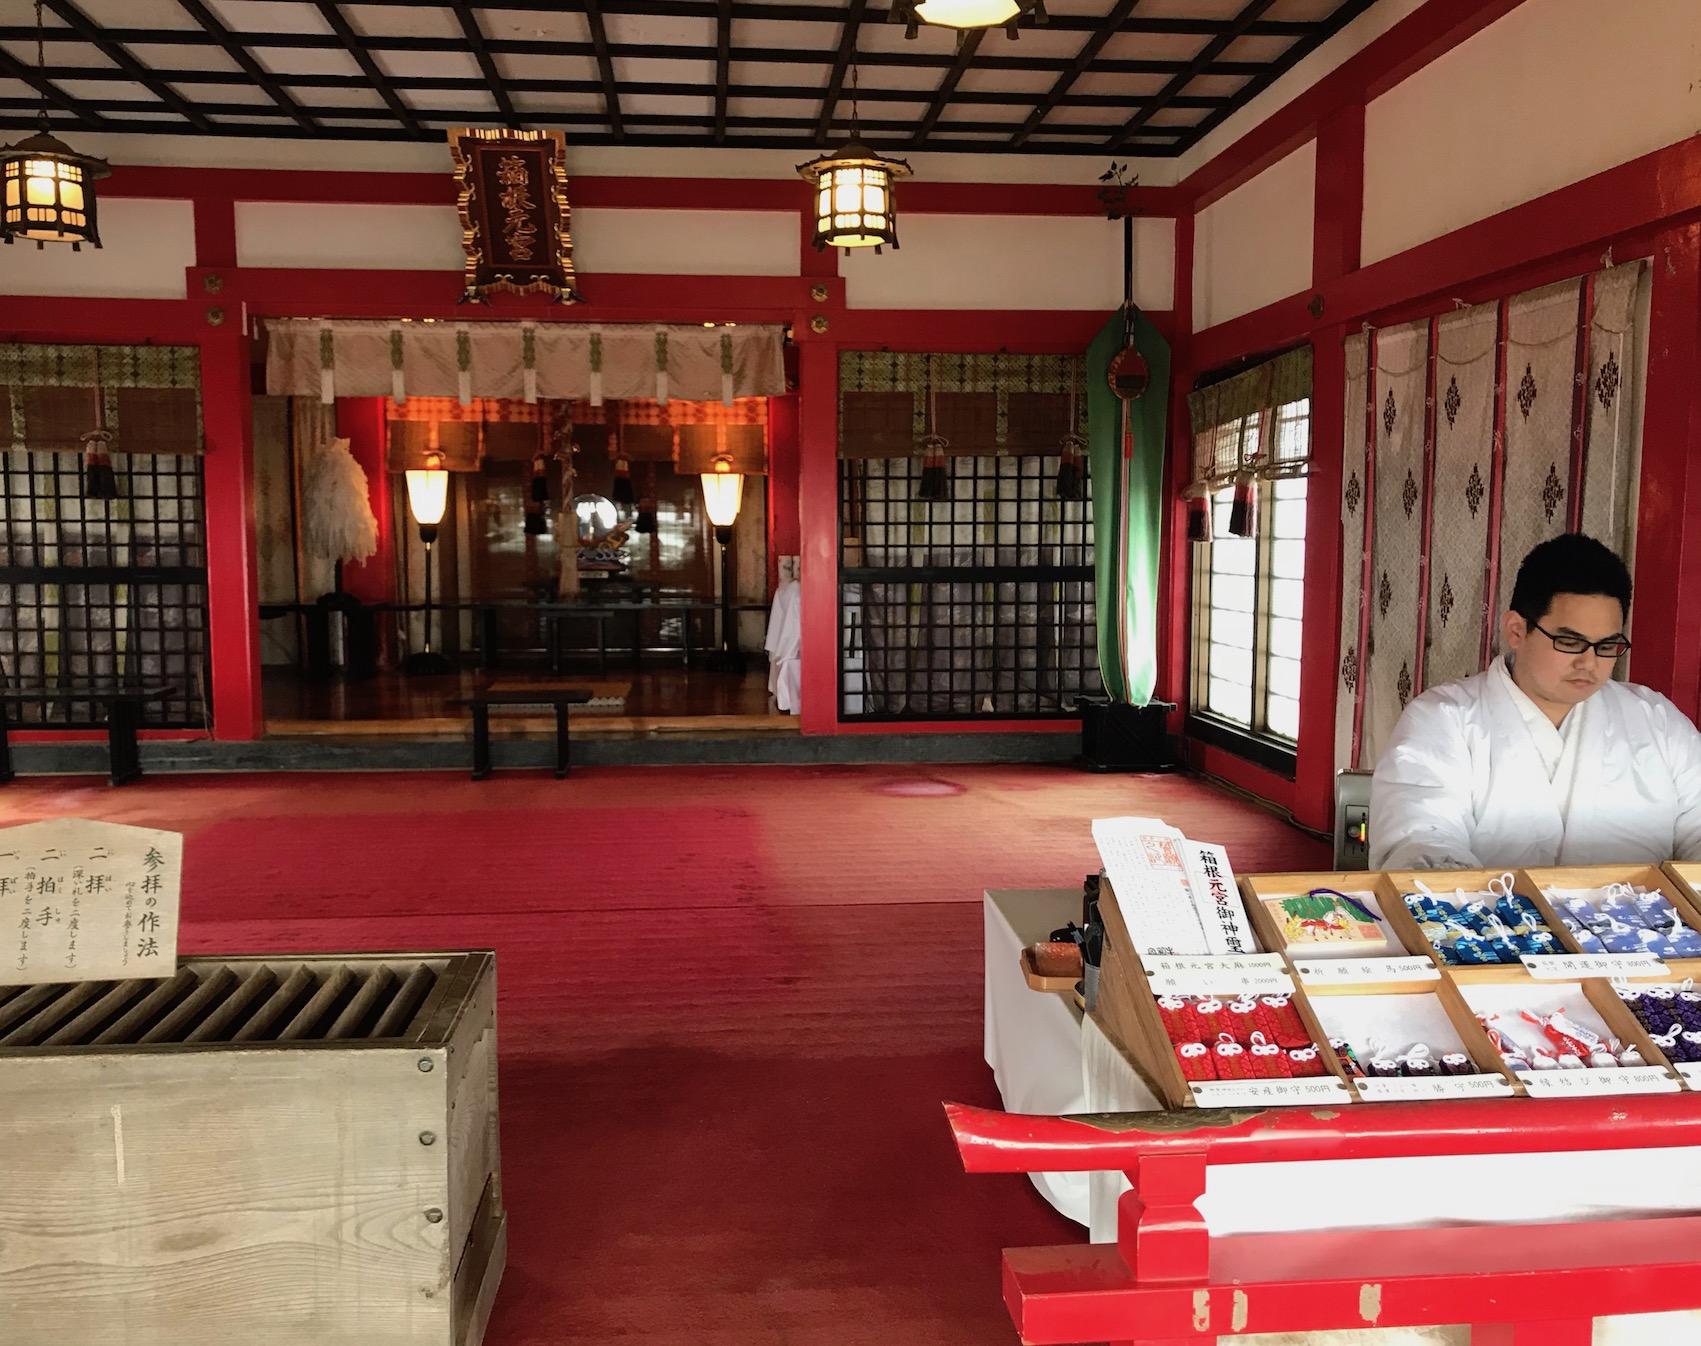 Inside Hakone Shrine Mototsumiya Mount Hakone Japan.